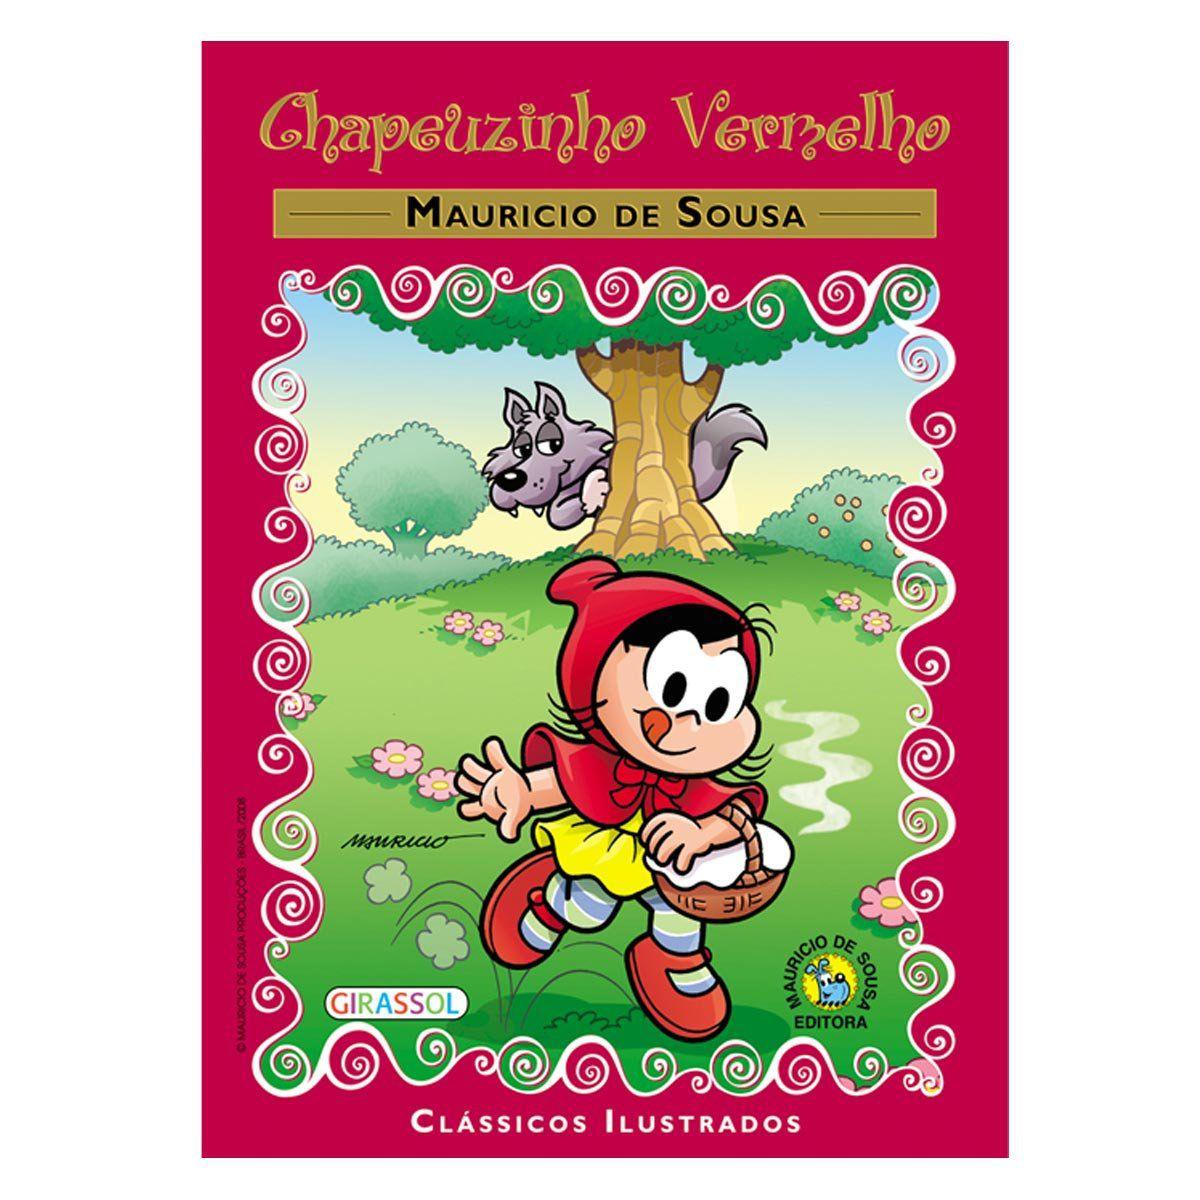 Chapeuzinho Vermelho - Turma da Mônica